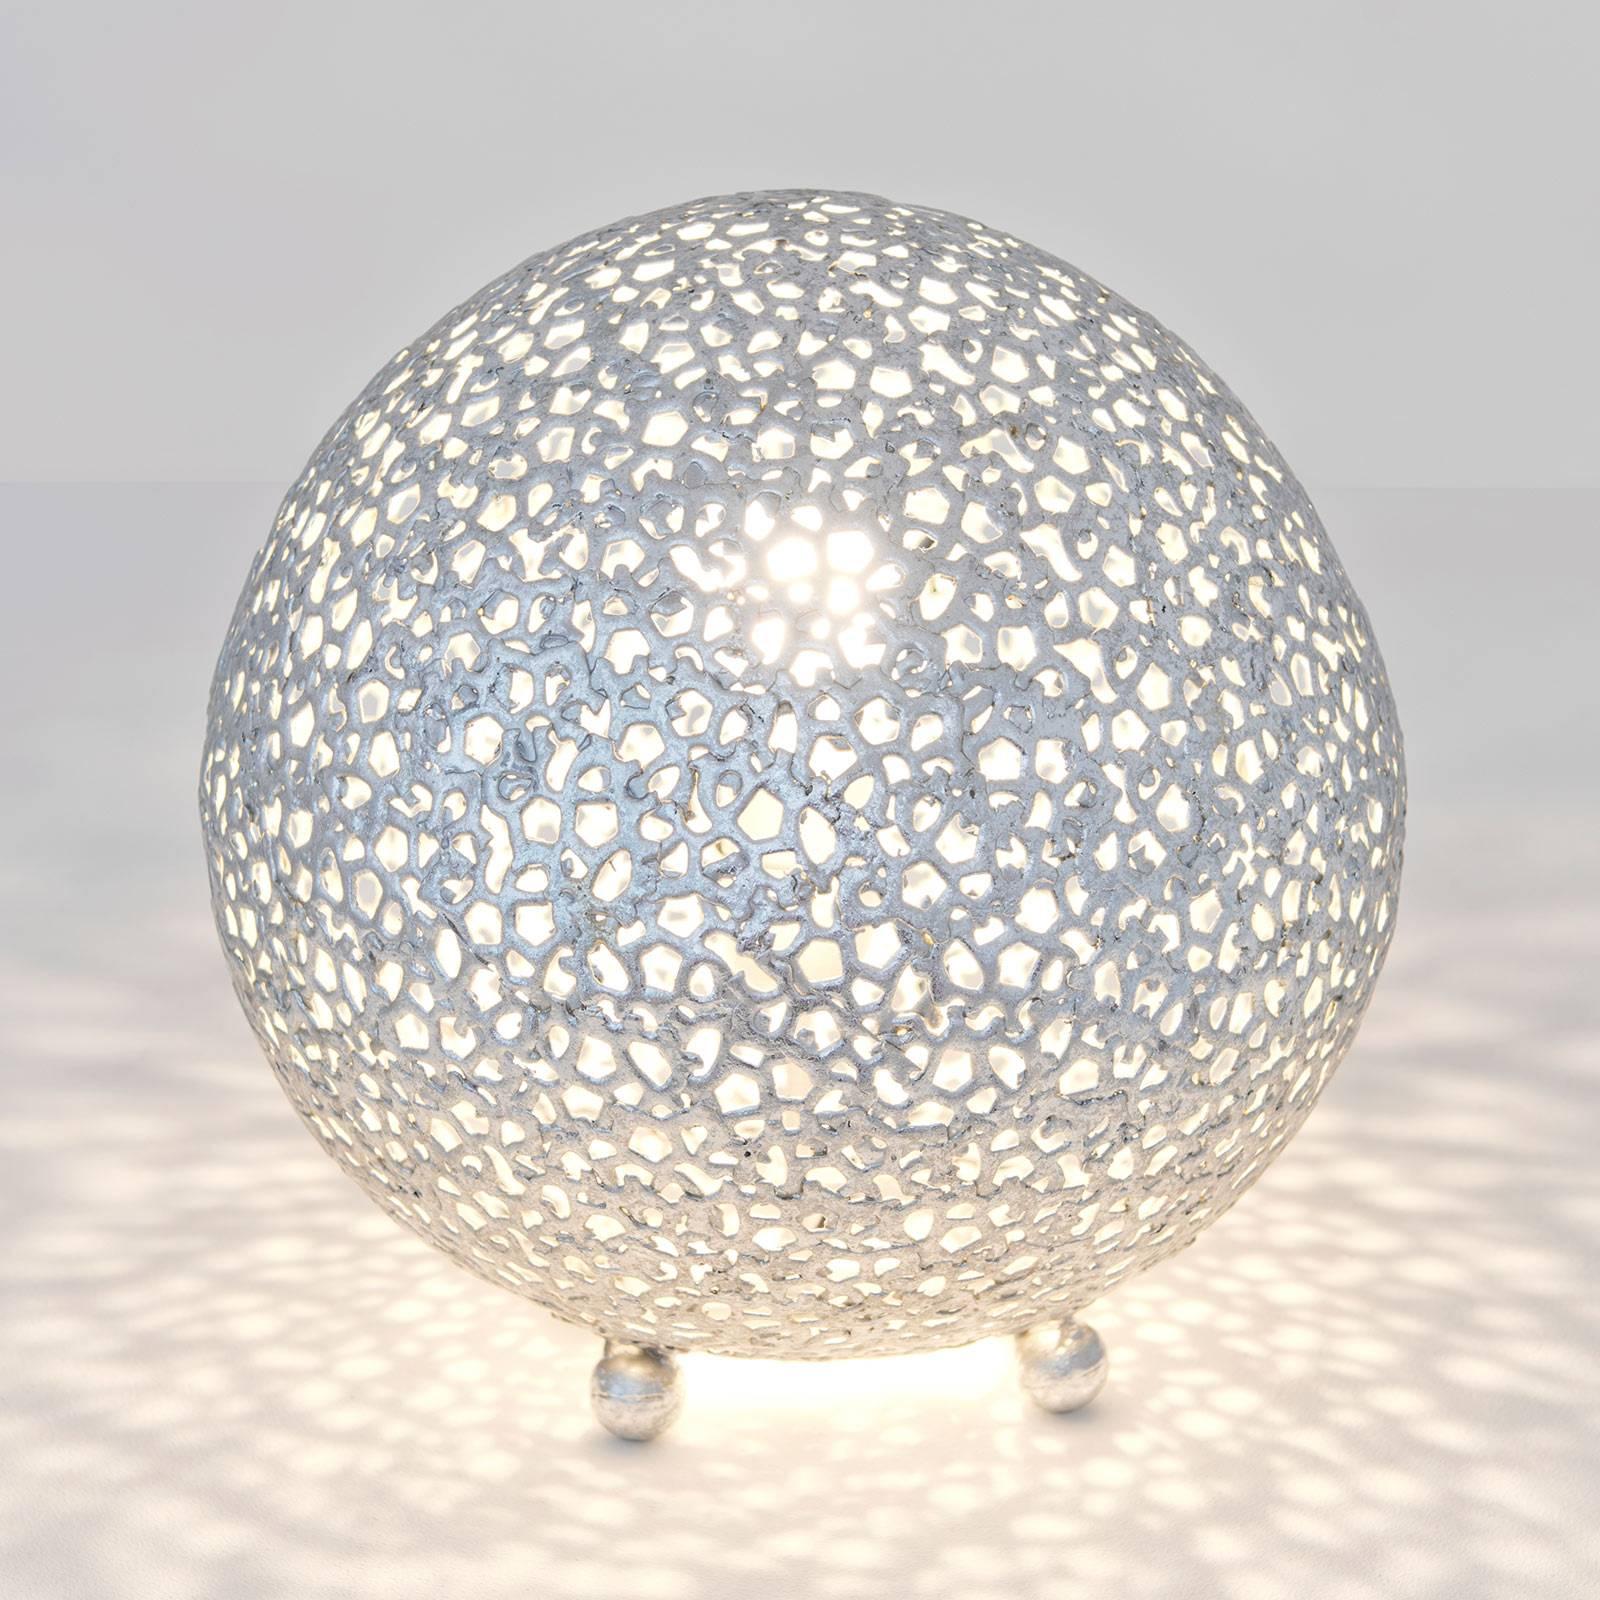 Tafellamp Lily Piccolo, Ø 33 cm, zilver